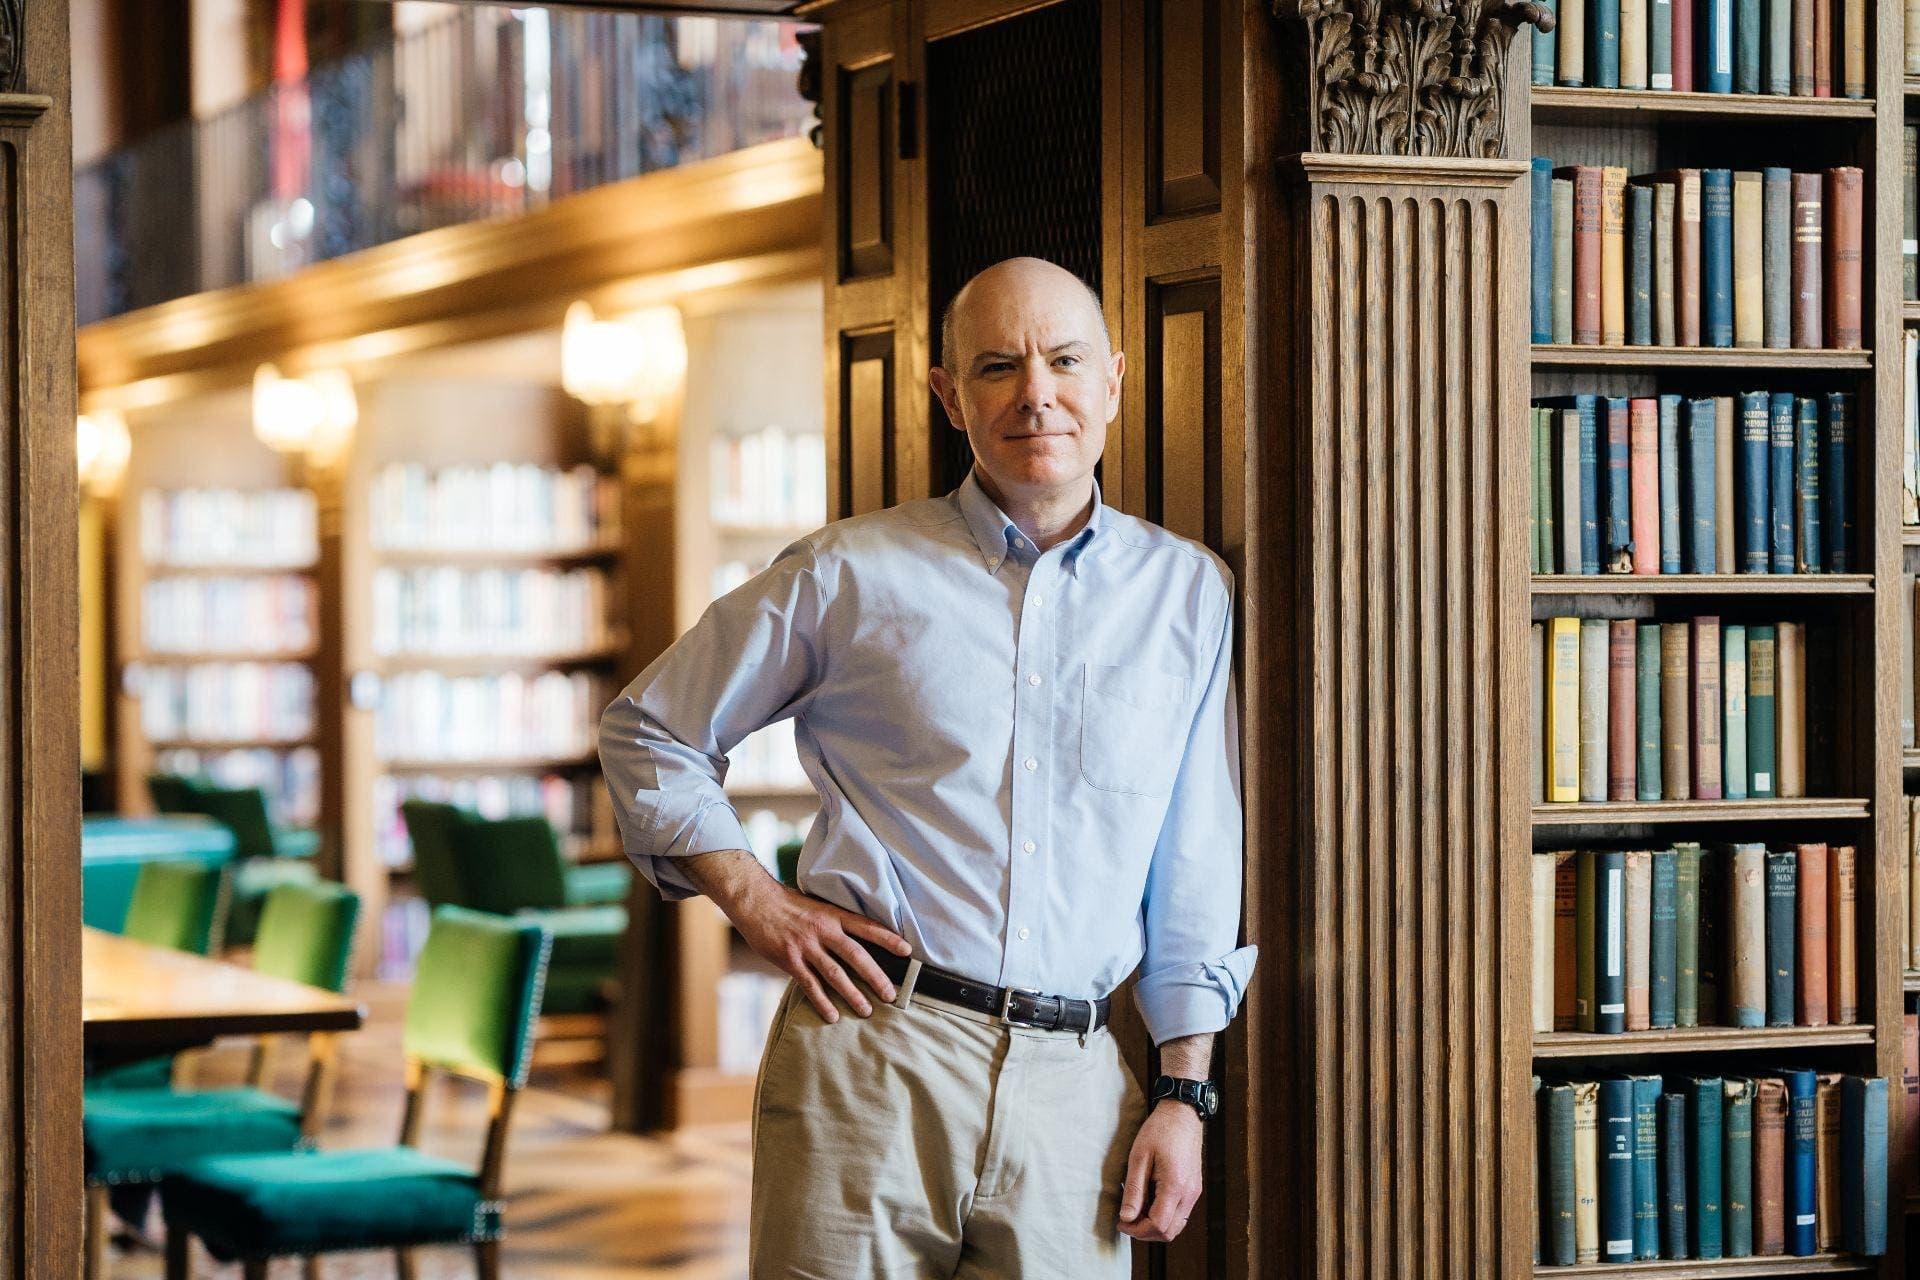 دوجلاس إيروين، الأستاذ في كلية دارتموث